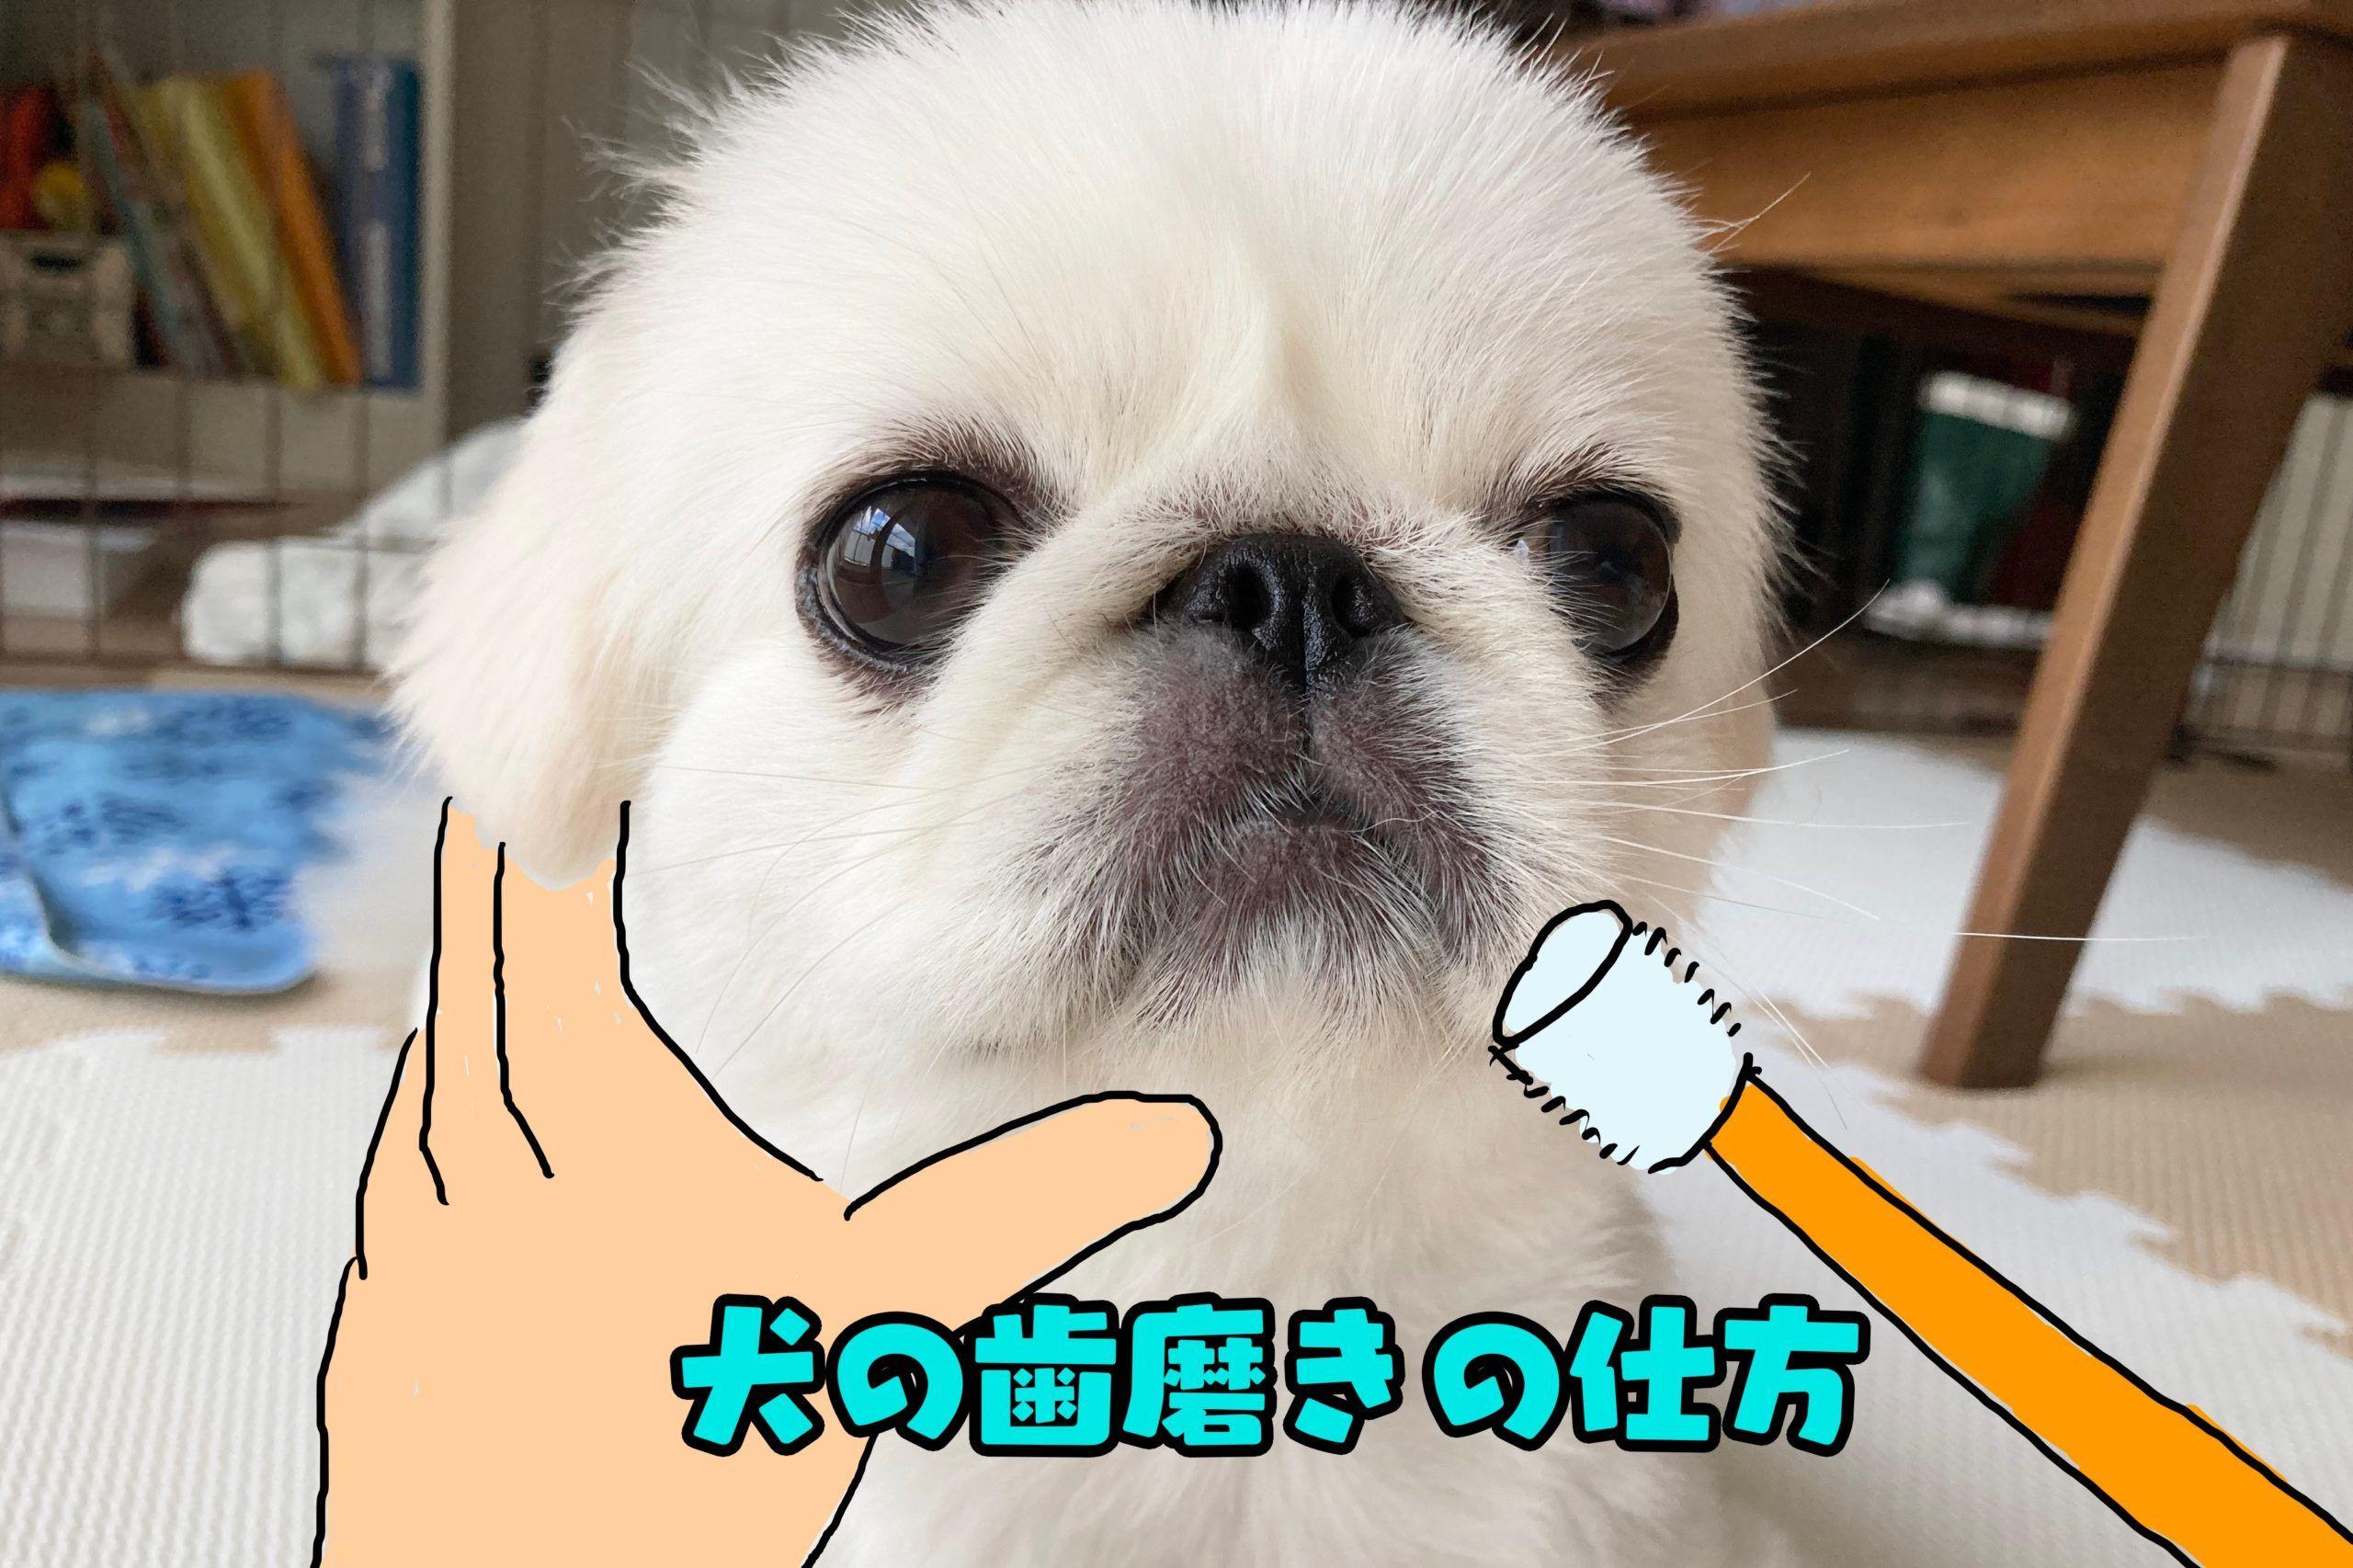 犬の歯磨きの仕方 簡単に成功した方法 ペキニーズ キニナル スイカ ペキニーズ 犬 歯磨き